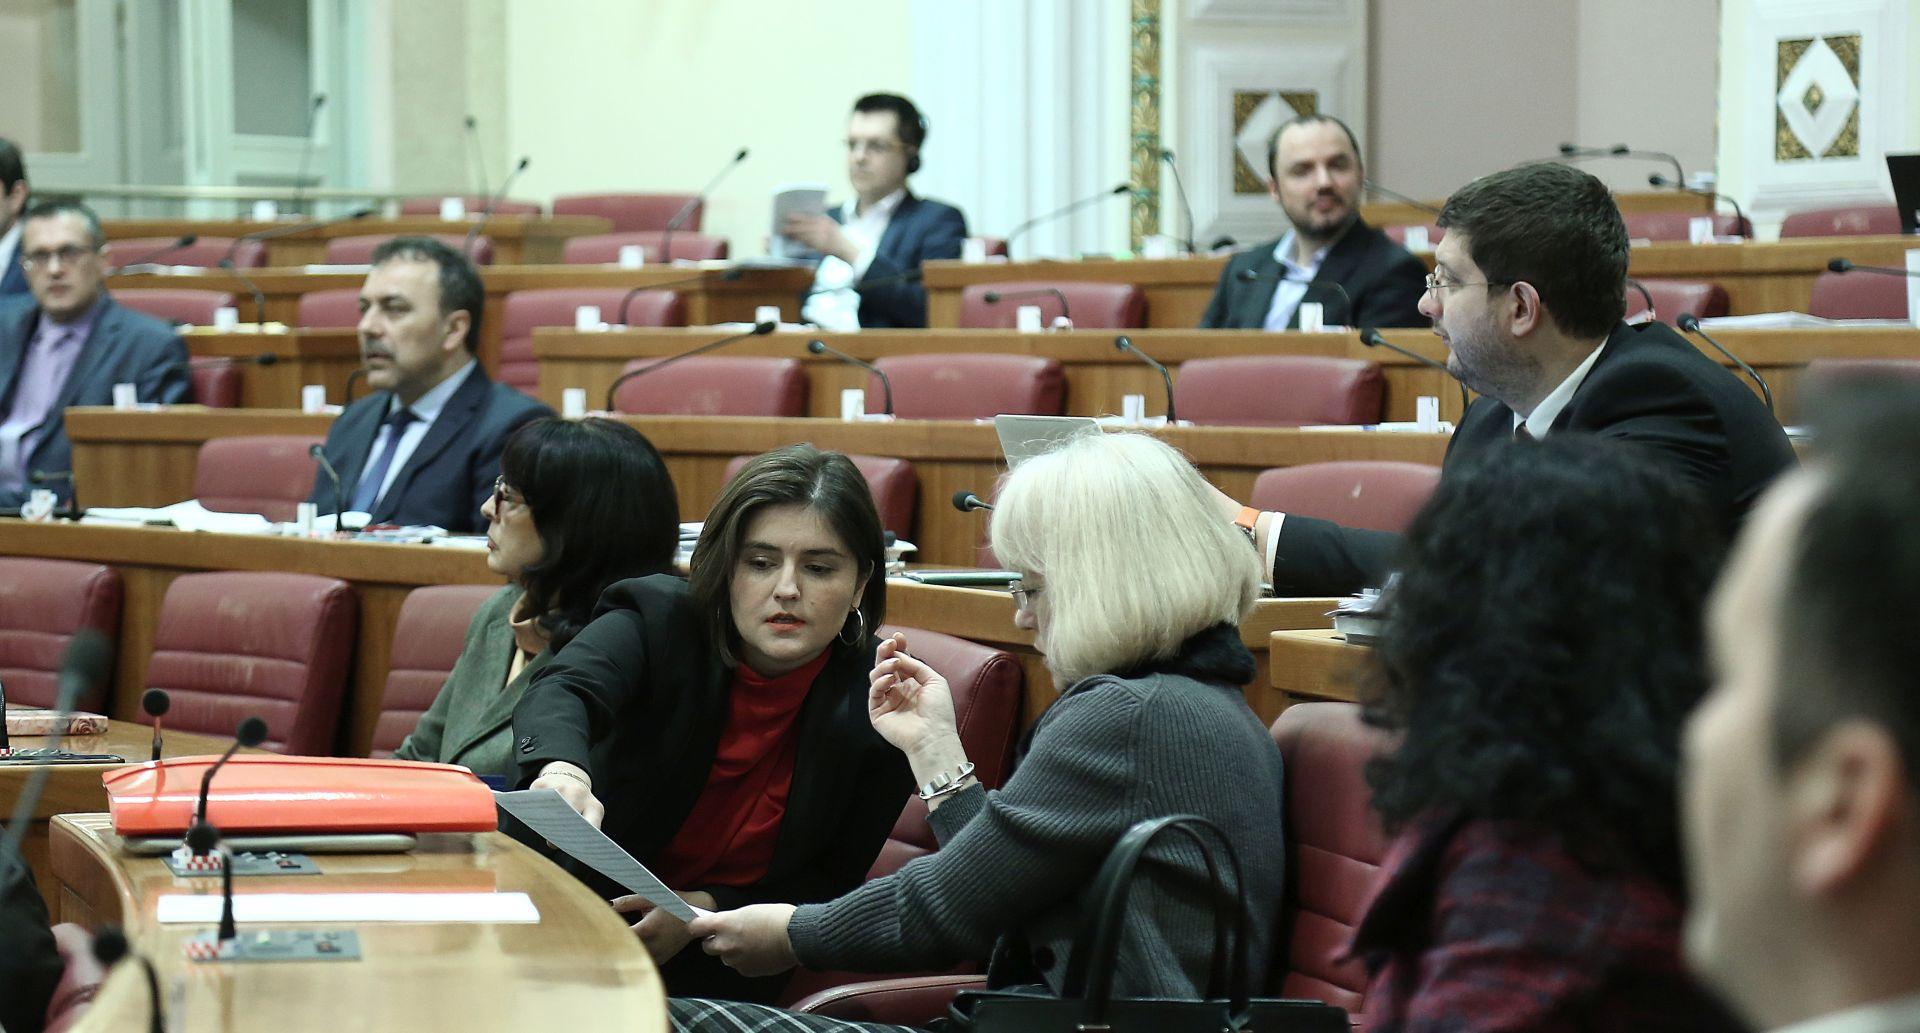 Sabor donio paket zakona za pomoć blokiranim građanima